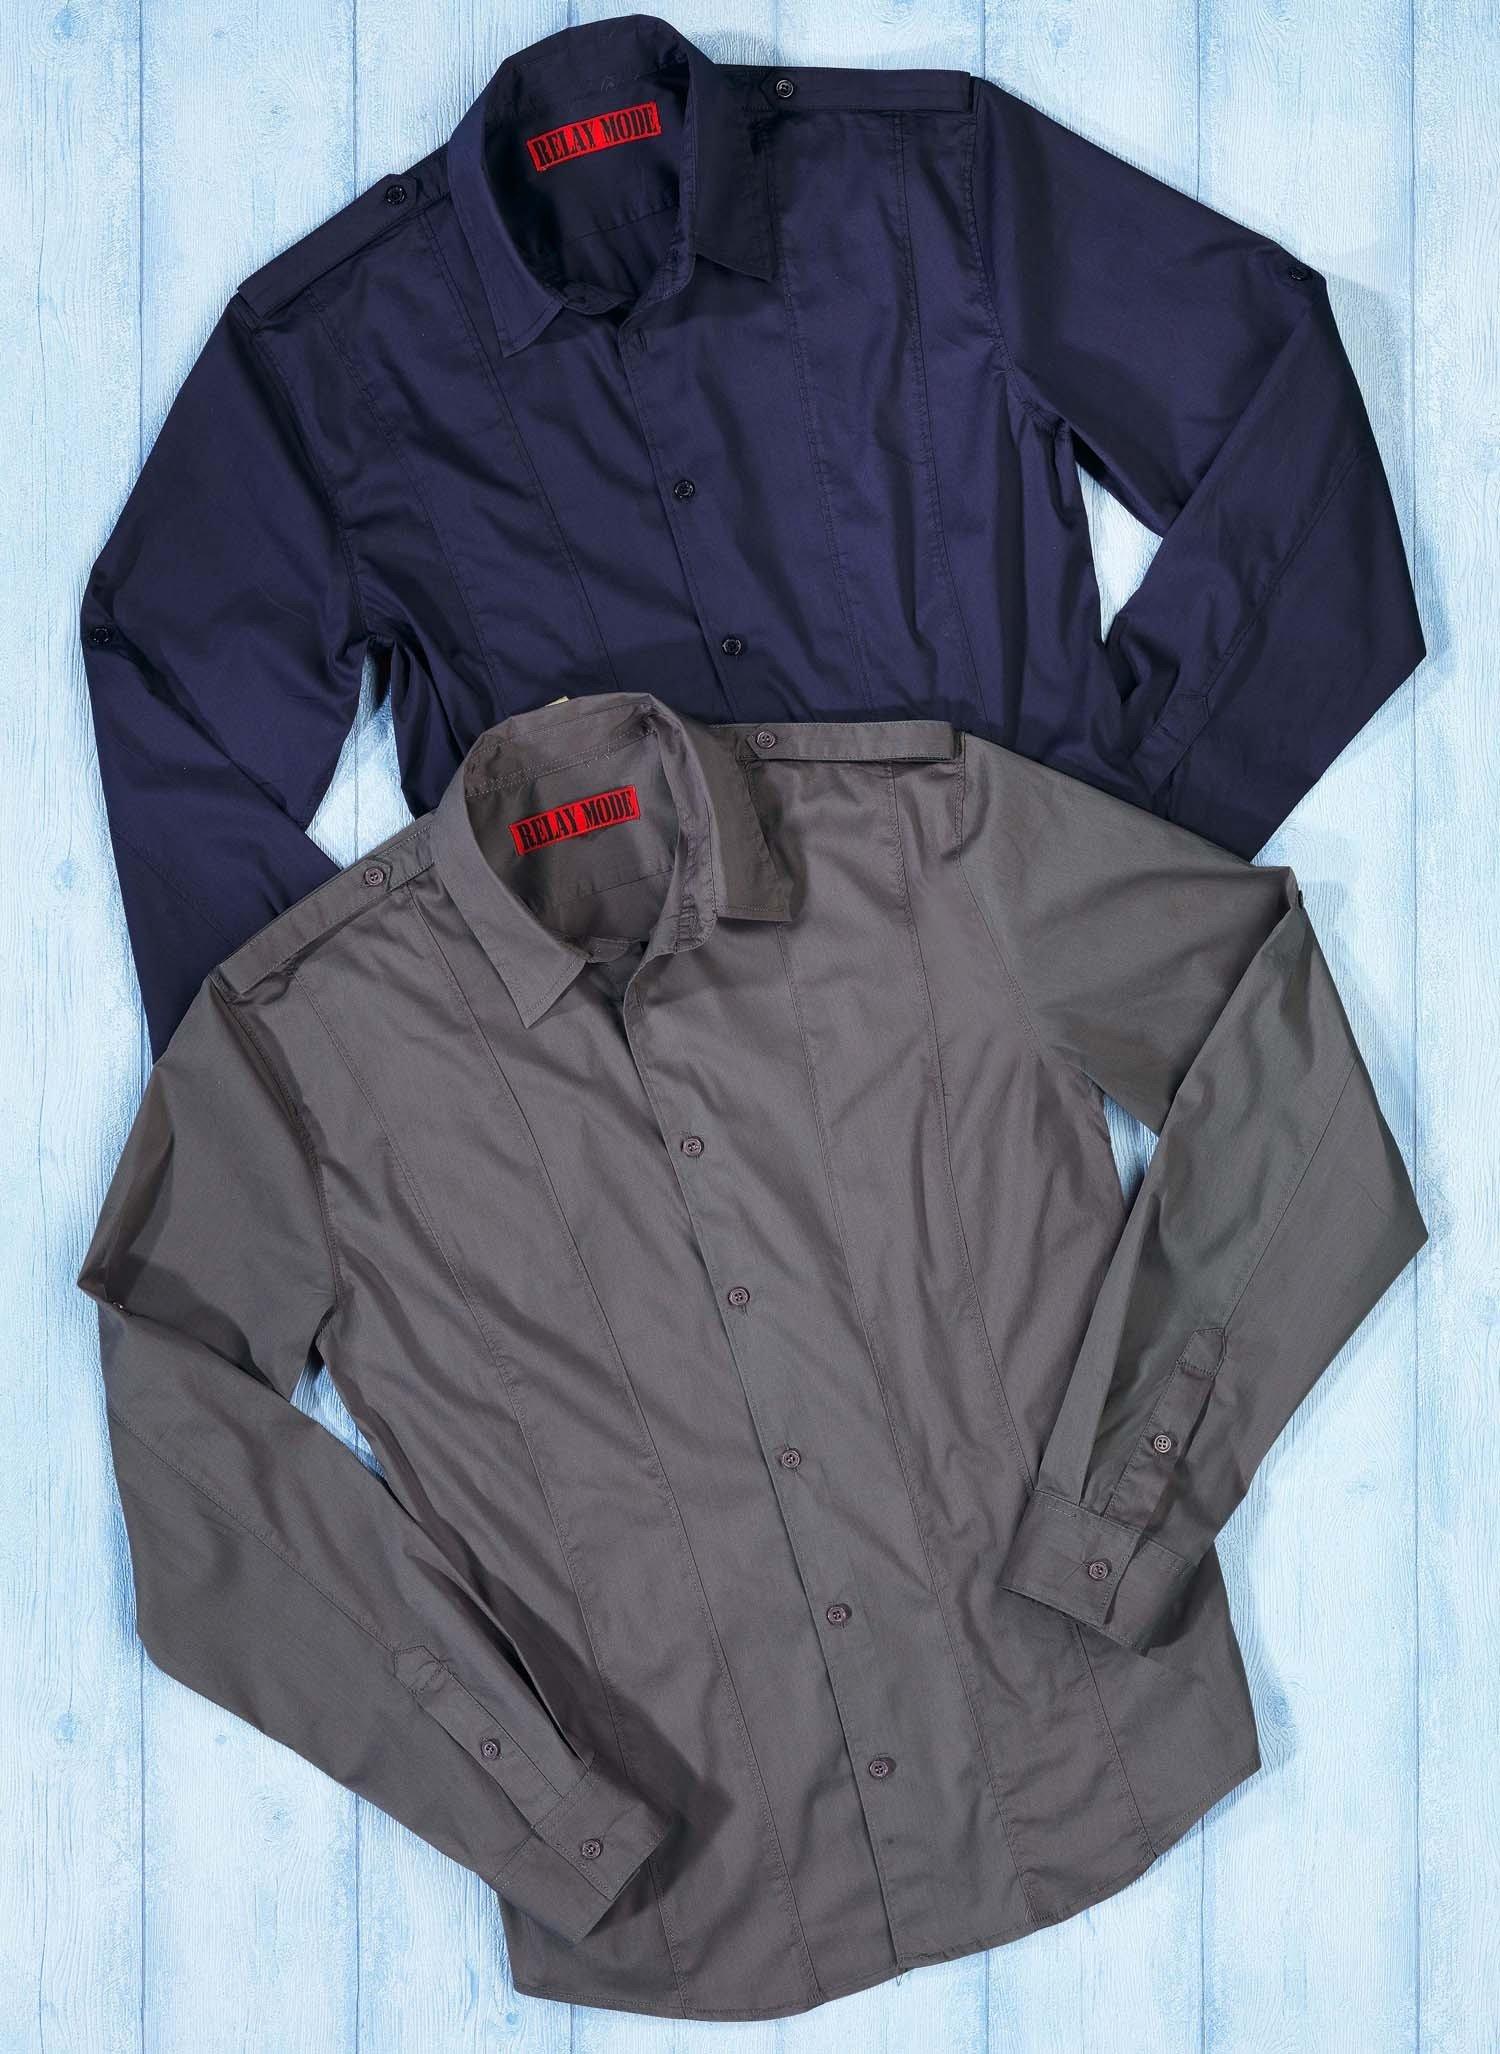 H-LA-Hemd,talliert,grau L 003 - 2 - Ronja.ch